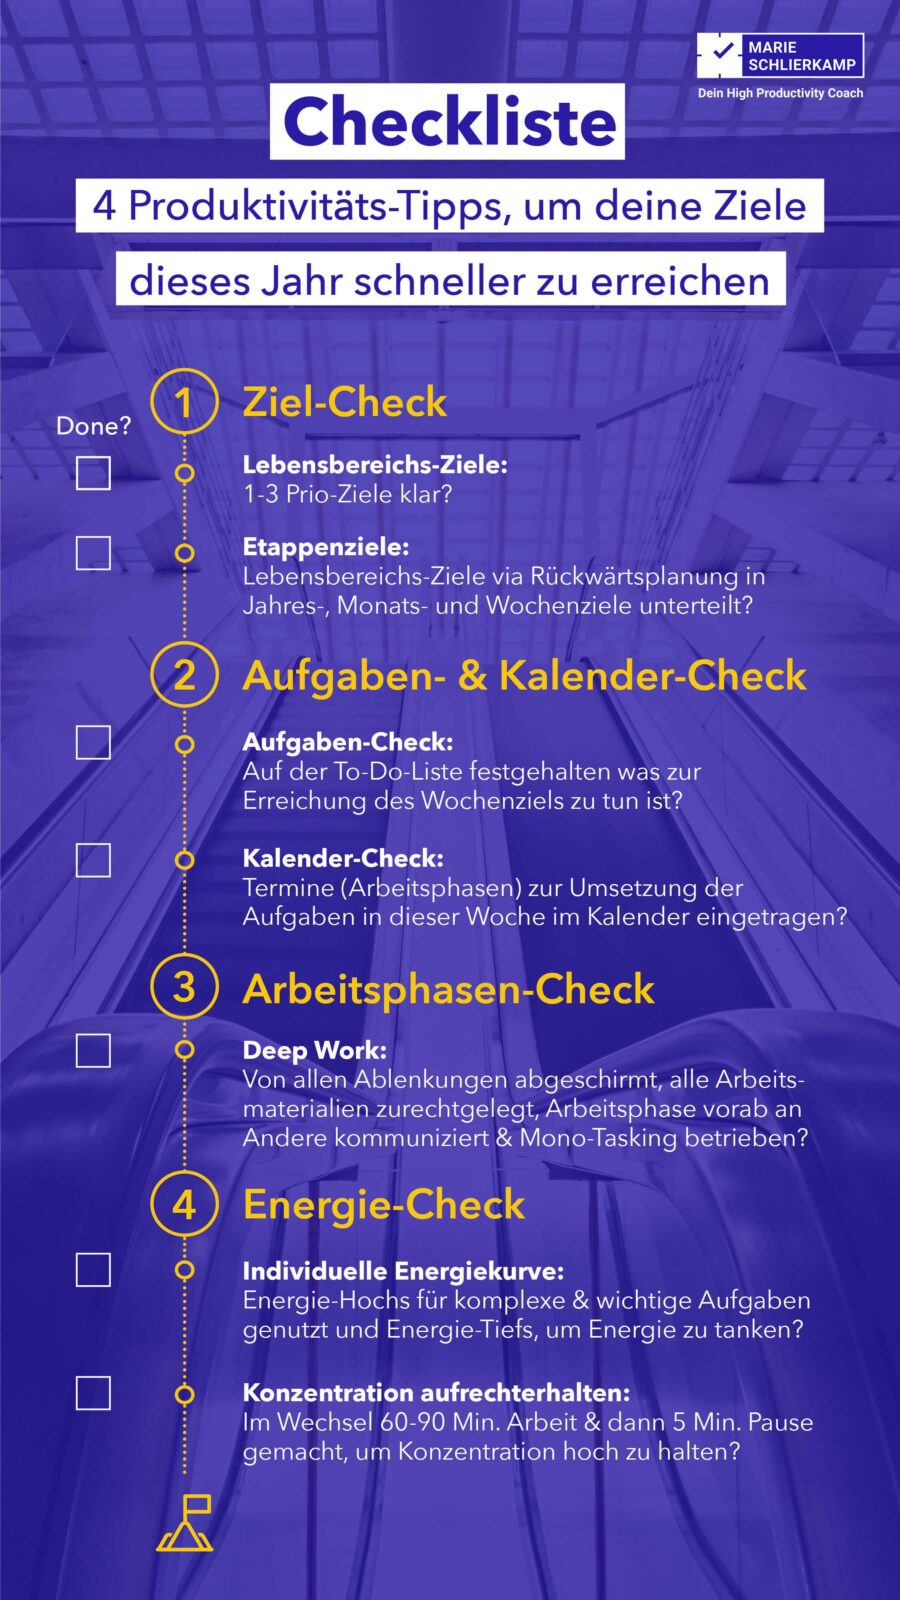 Checkliste: 4 Produktivitäts-Tipps